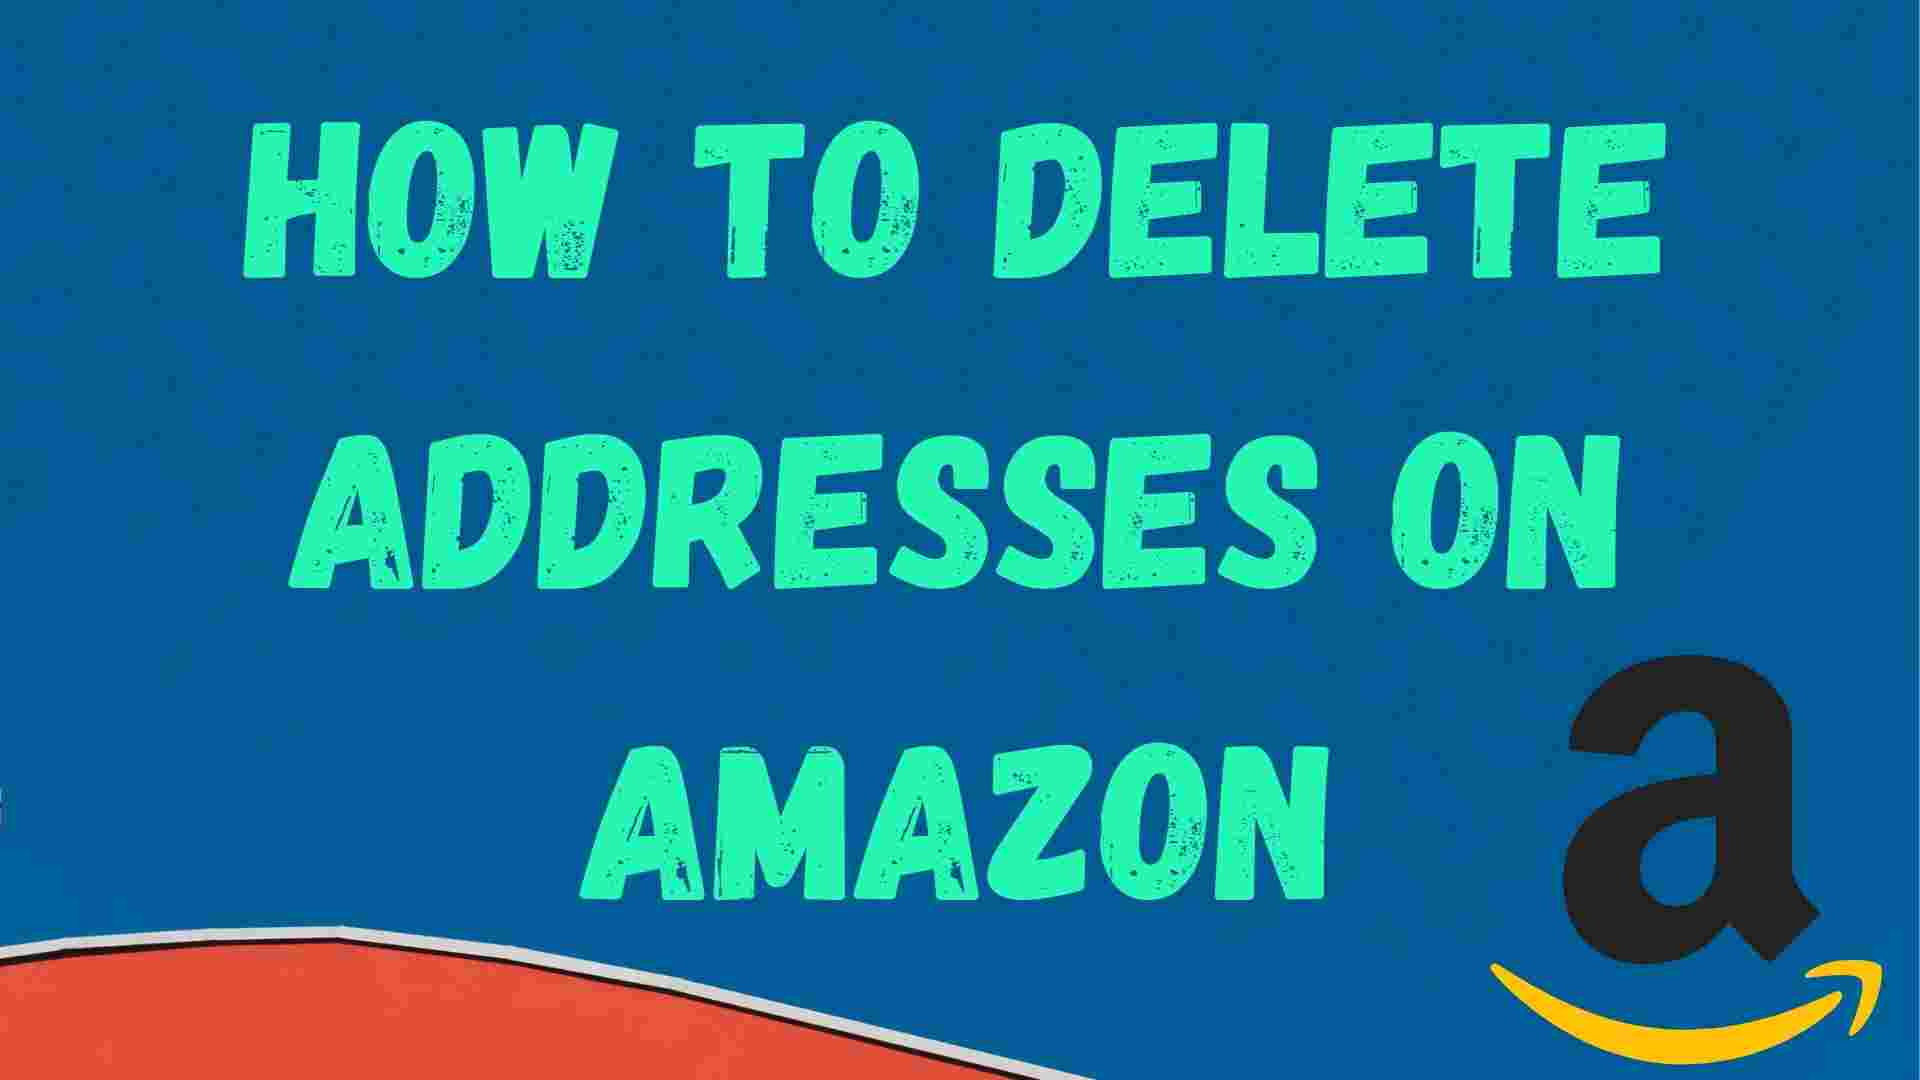 How to delete addresses on Amazon